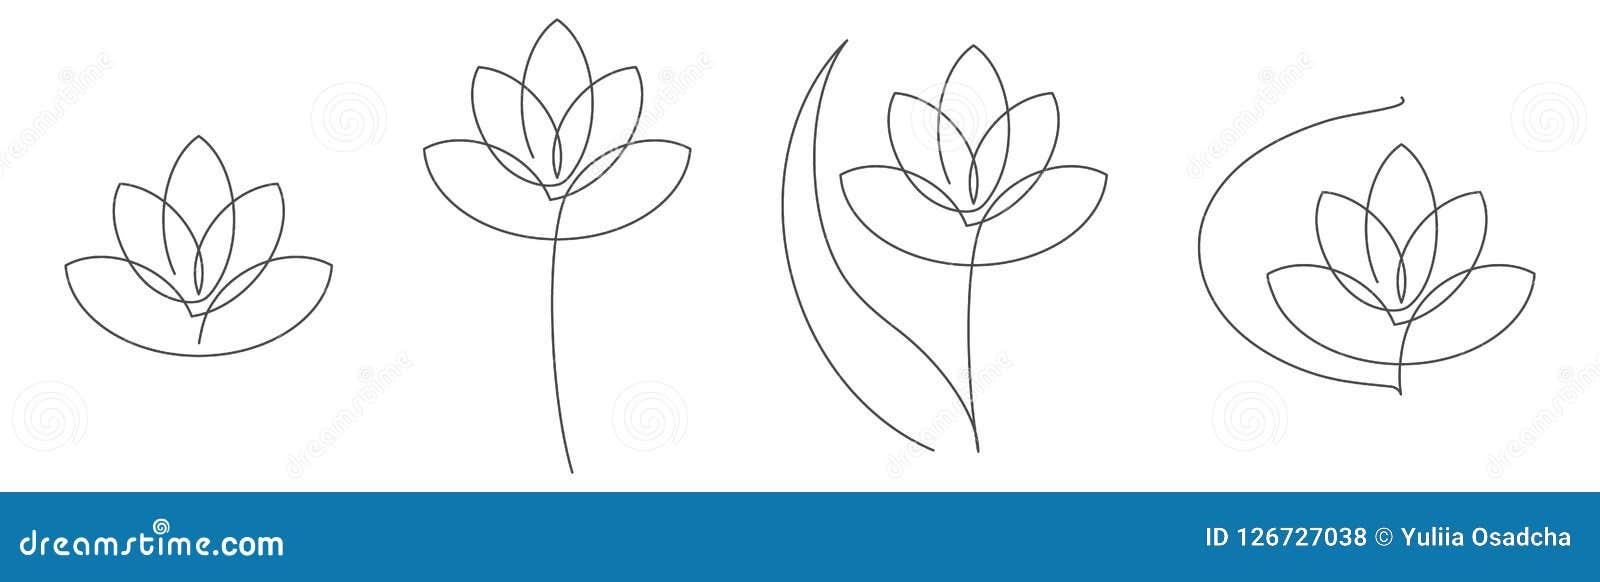 La línea continua ejemplo del loto de la flor del vector fijó con el movimiento editable para el diseño floral o el logotipo